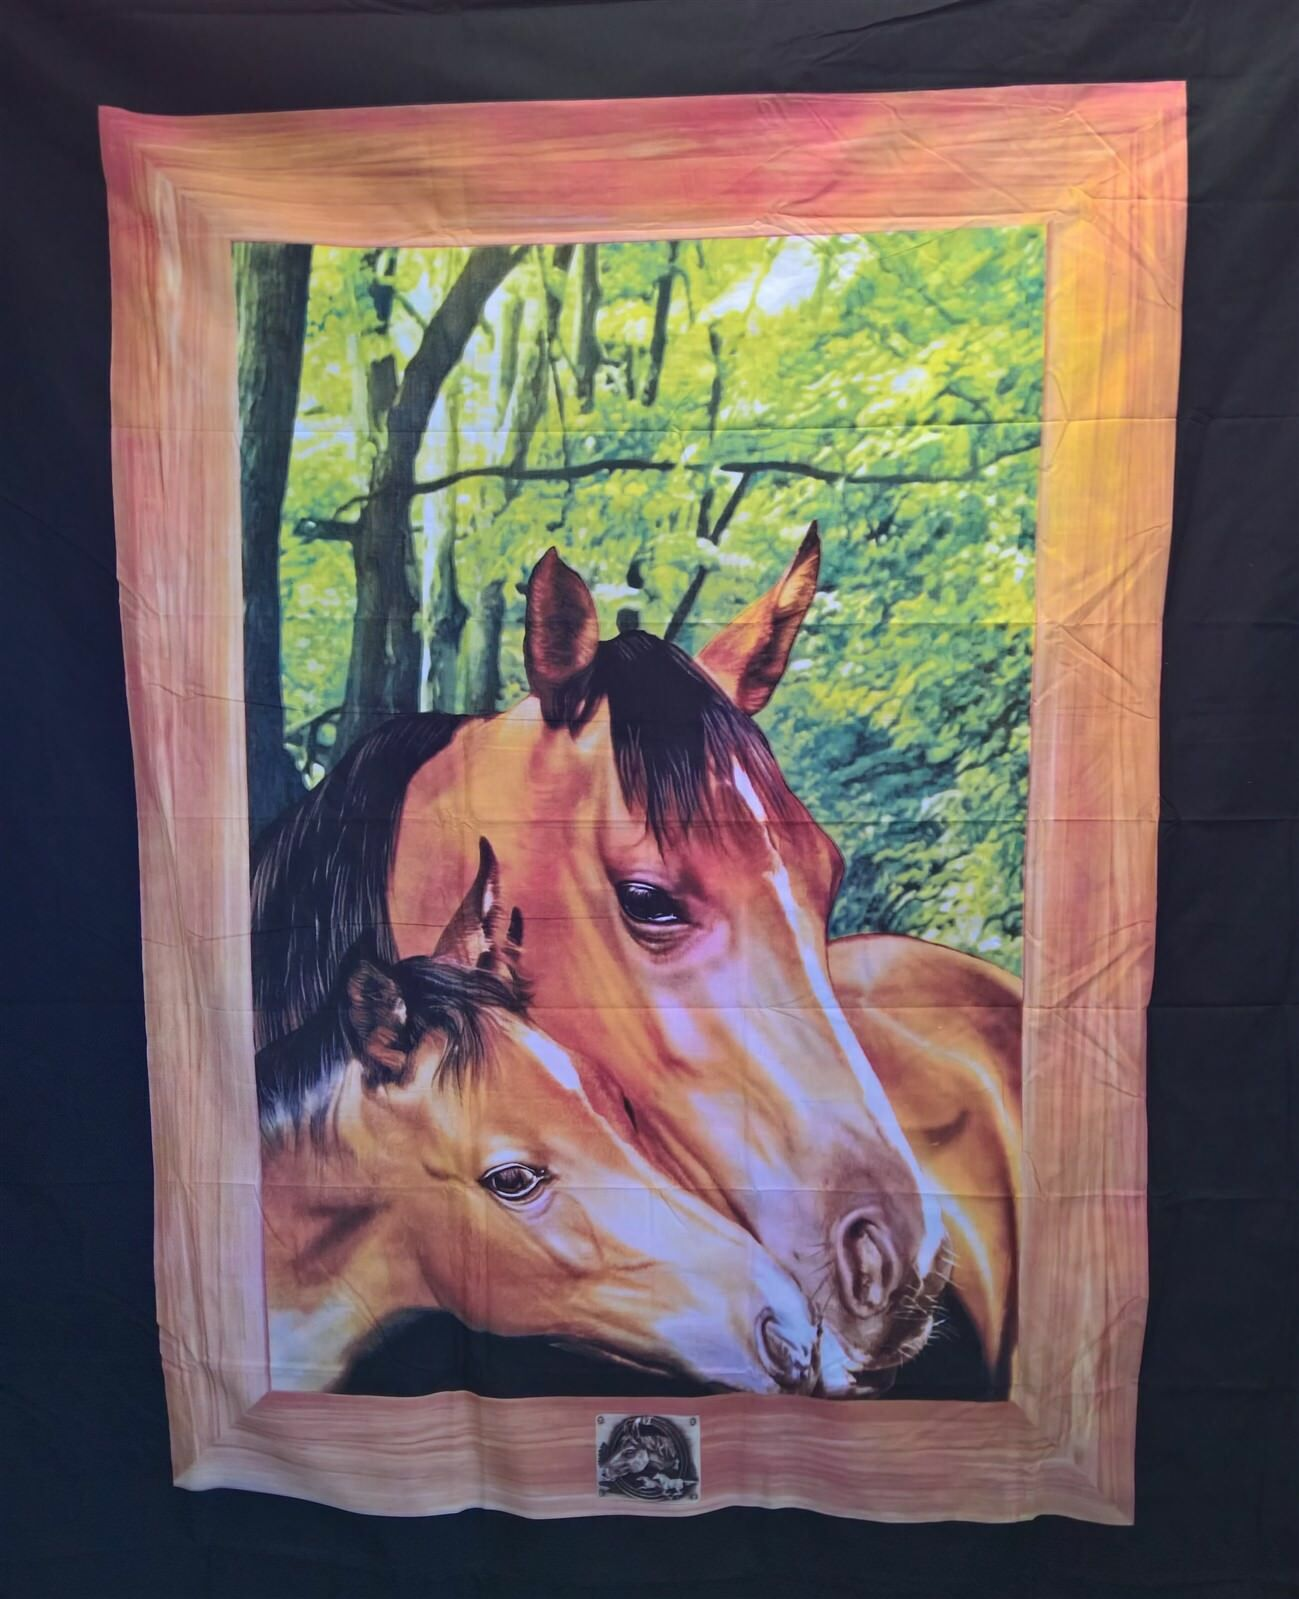 Two Horse Frame - DOONA QUEEN BED BEDROOM QUILT DUVET COVER